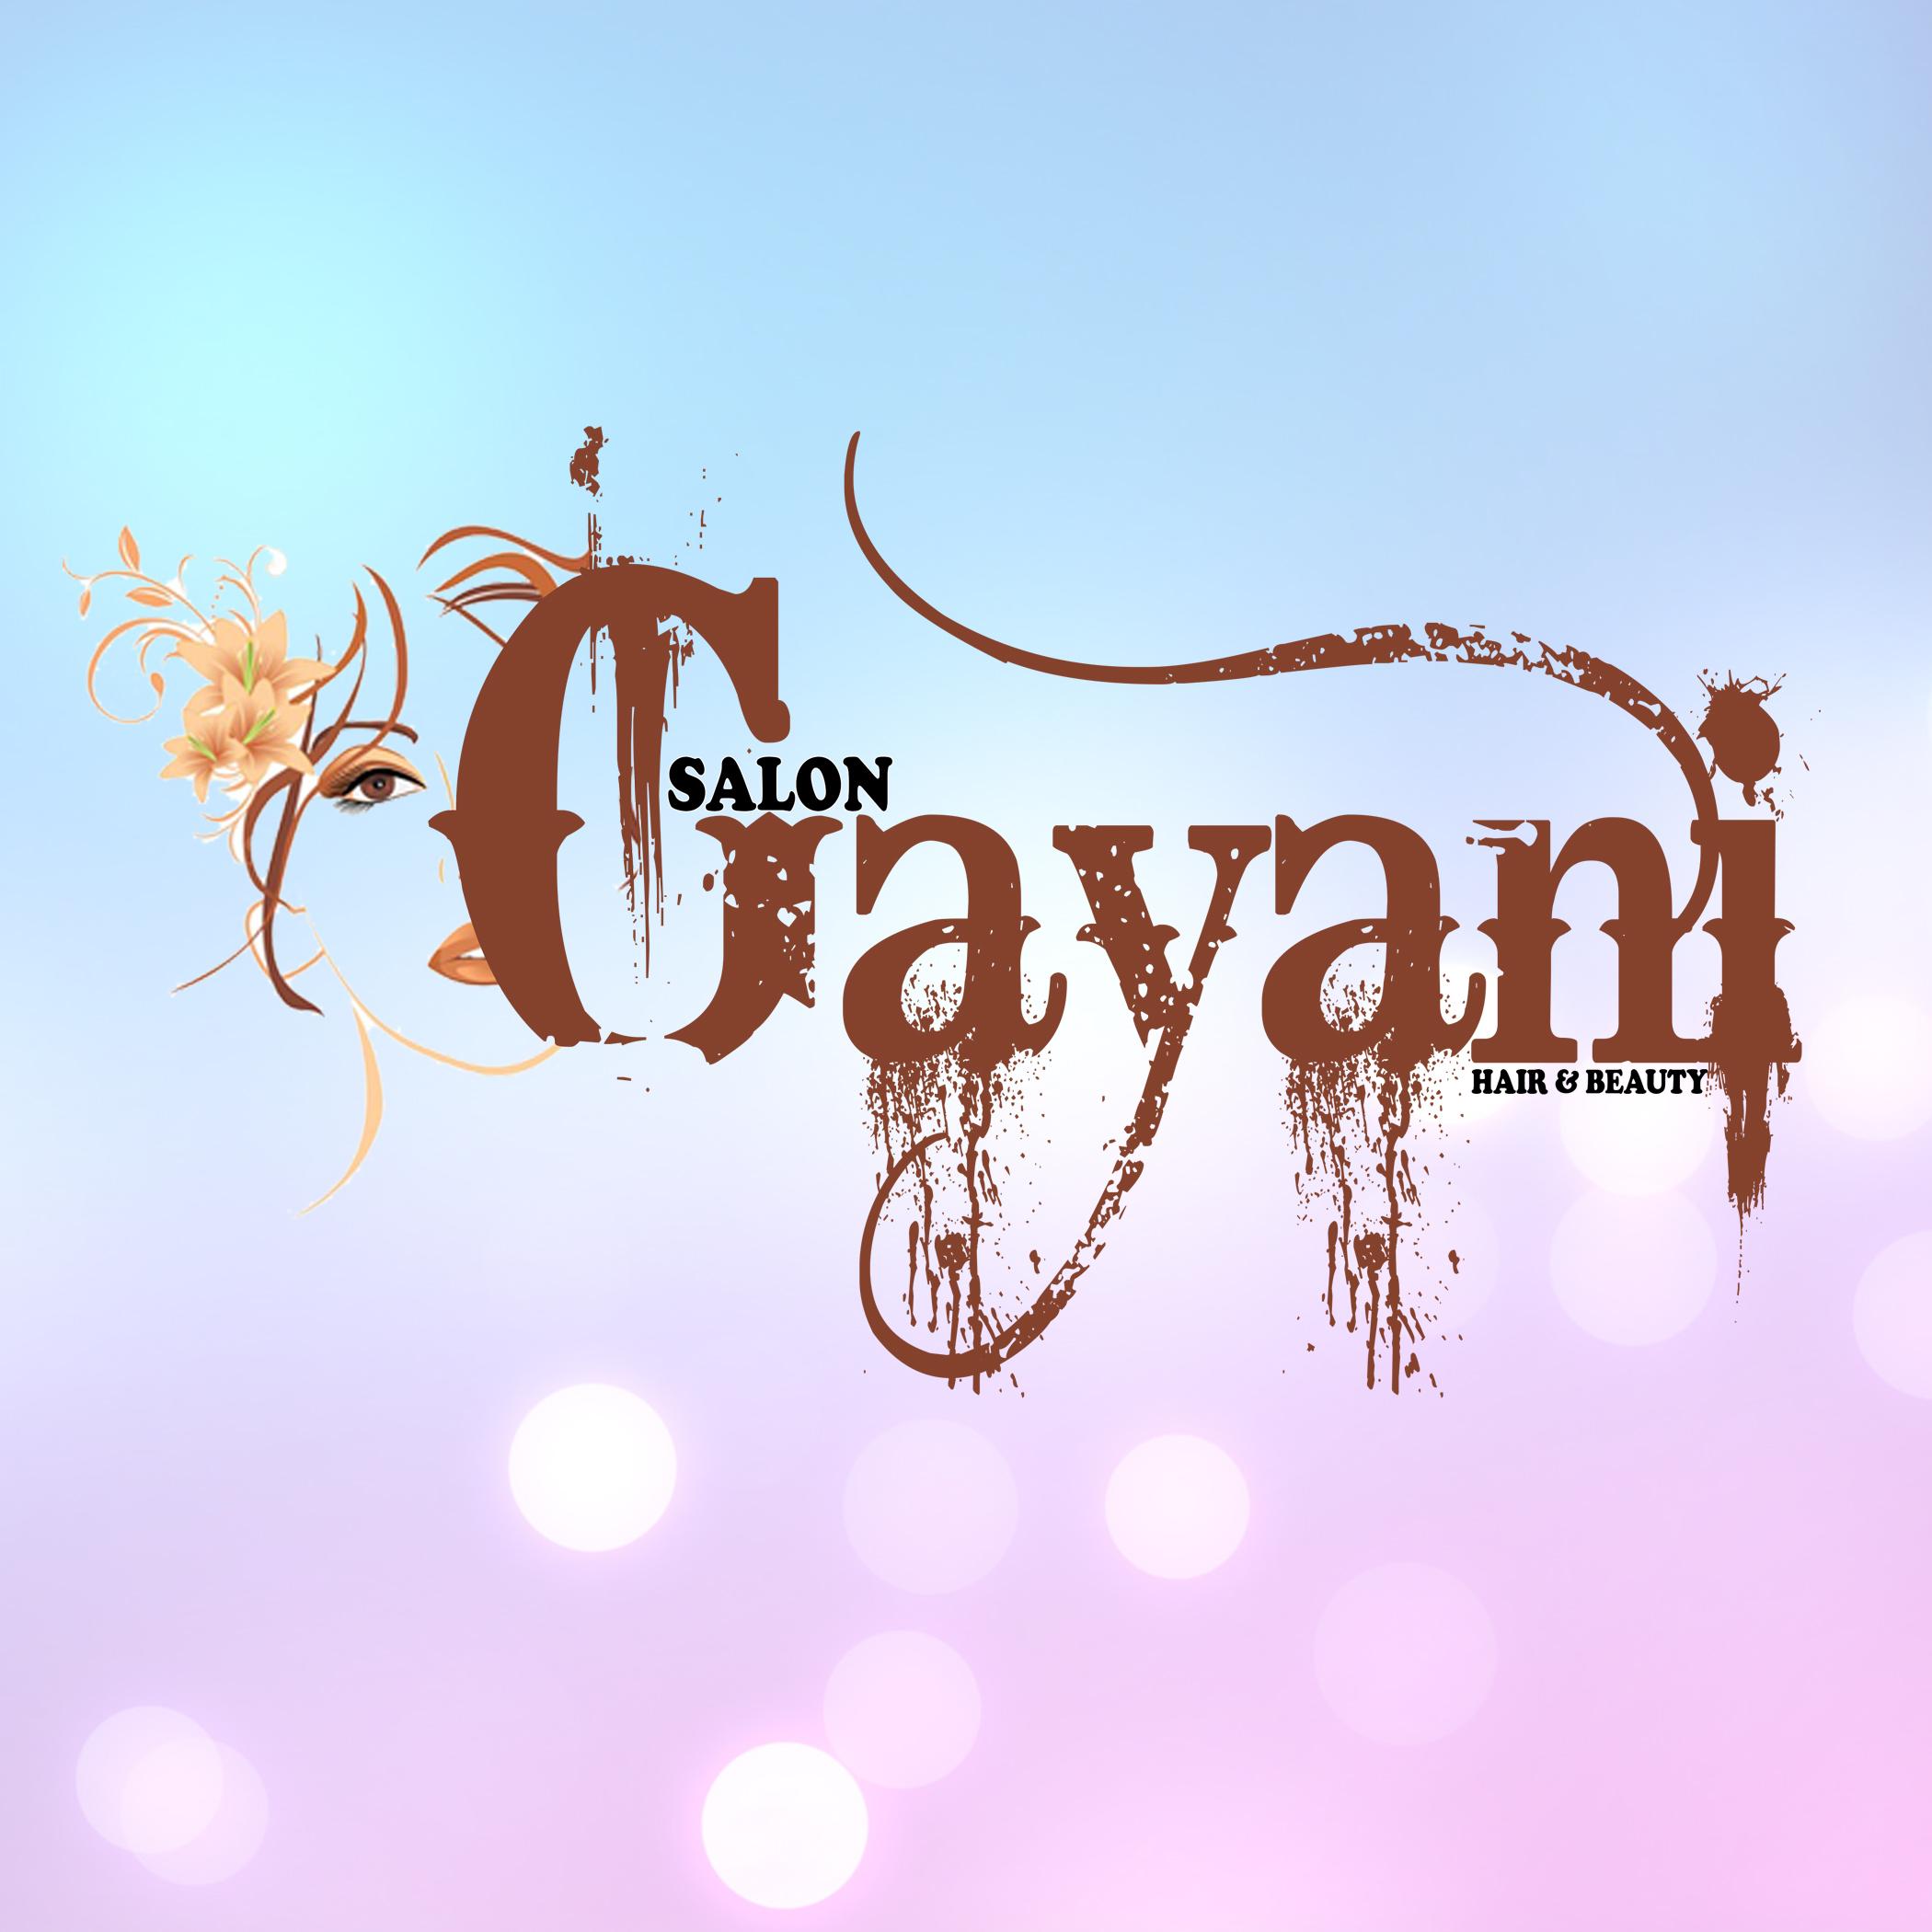 SALON GAYANI – Hair & Beauty-ragama salon-salon gayani in ragama